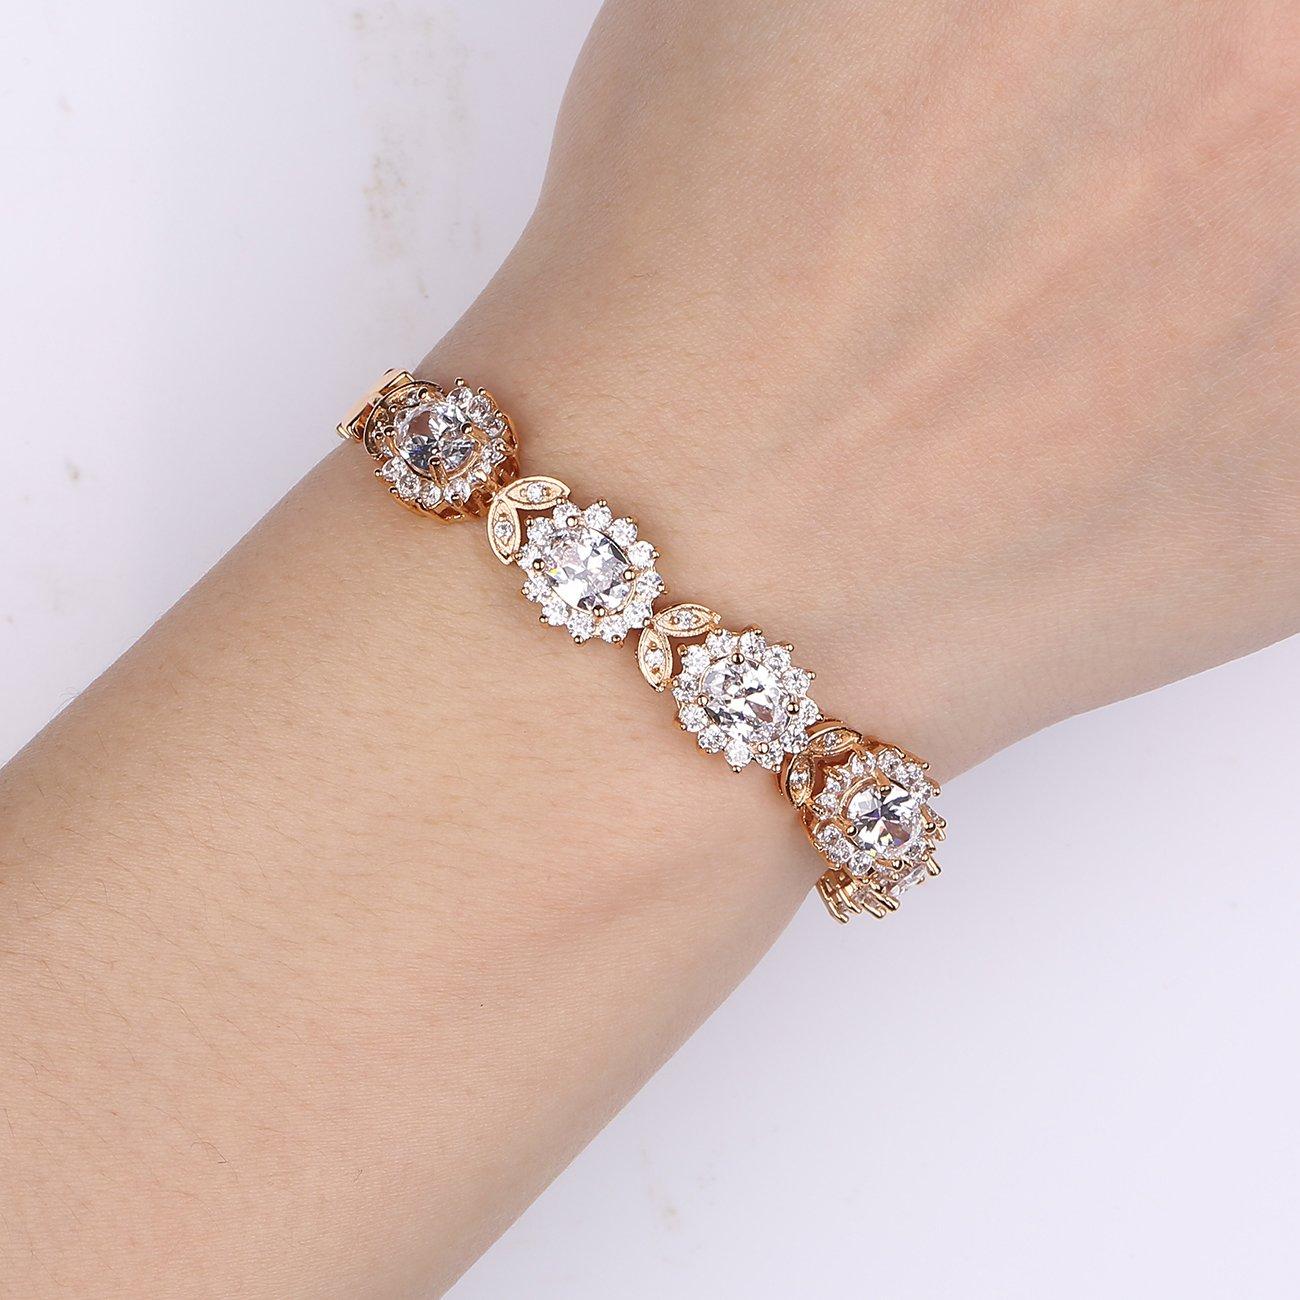 GULICX Bracelet Femme Fleur de Princess Diana Plaqu/é Or//Platine Cubique Zircon CZ avec Cristal Swarovski El/ément